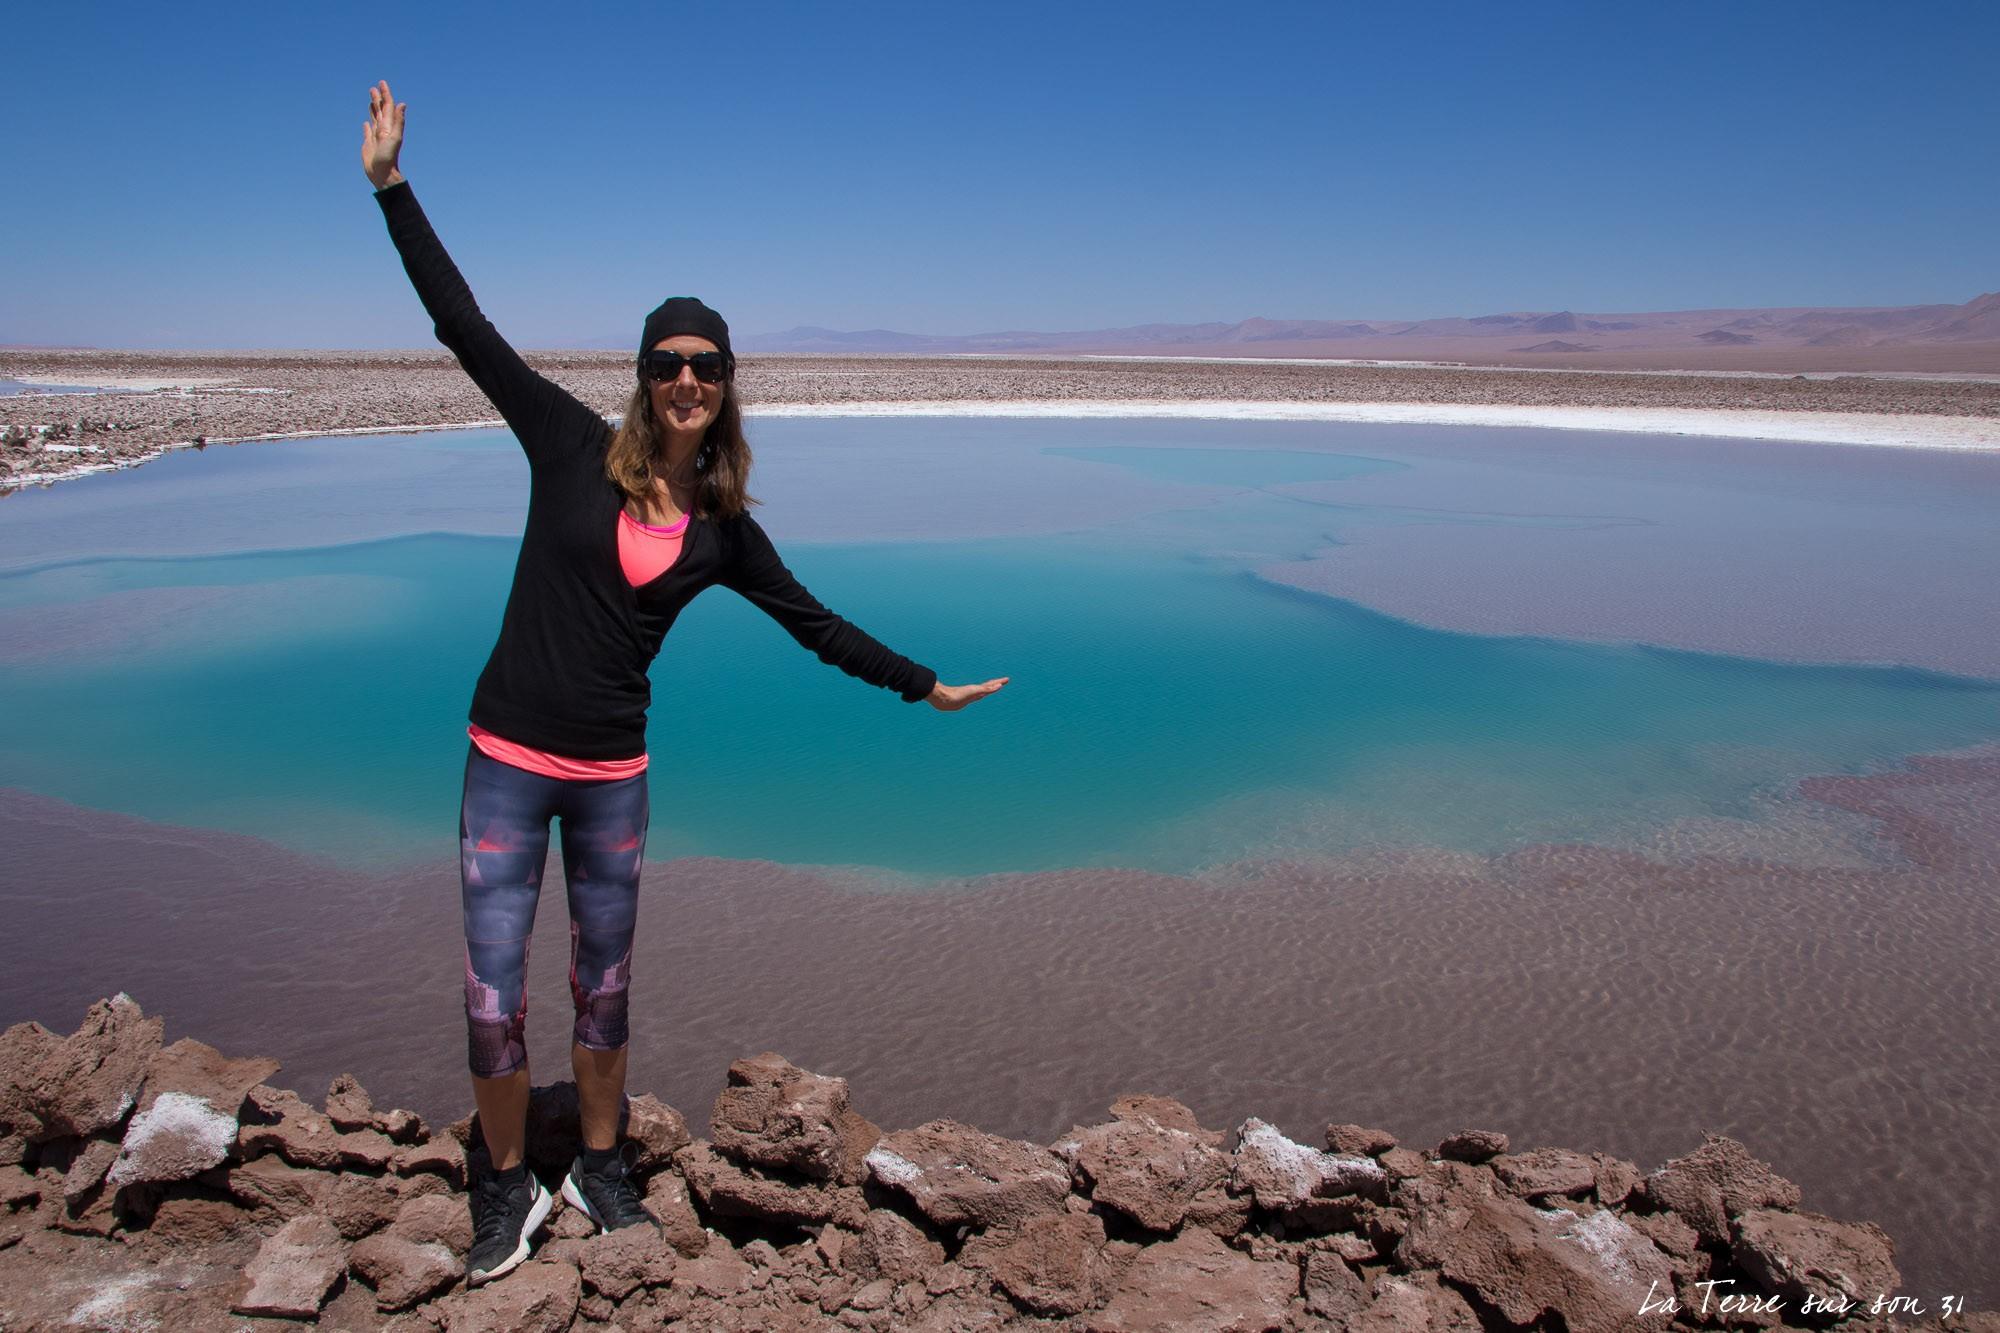 désert d'Atacama plus bel endroit du monde